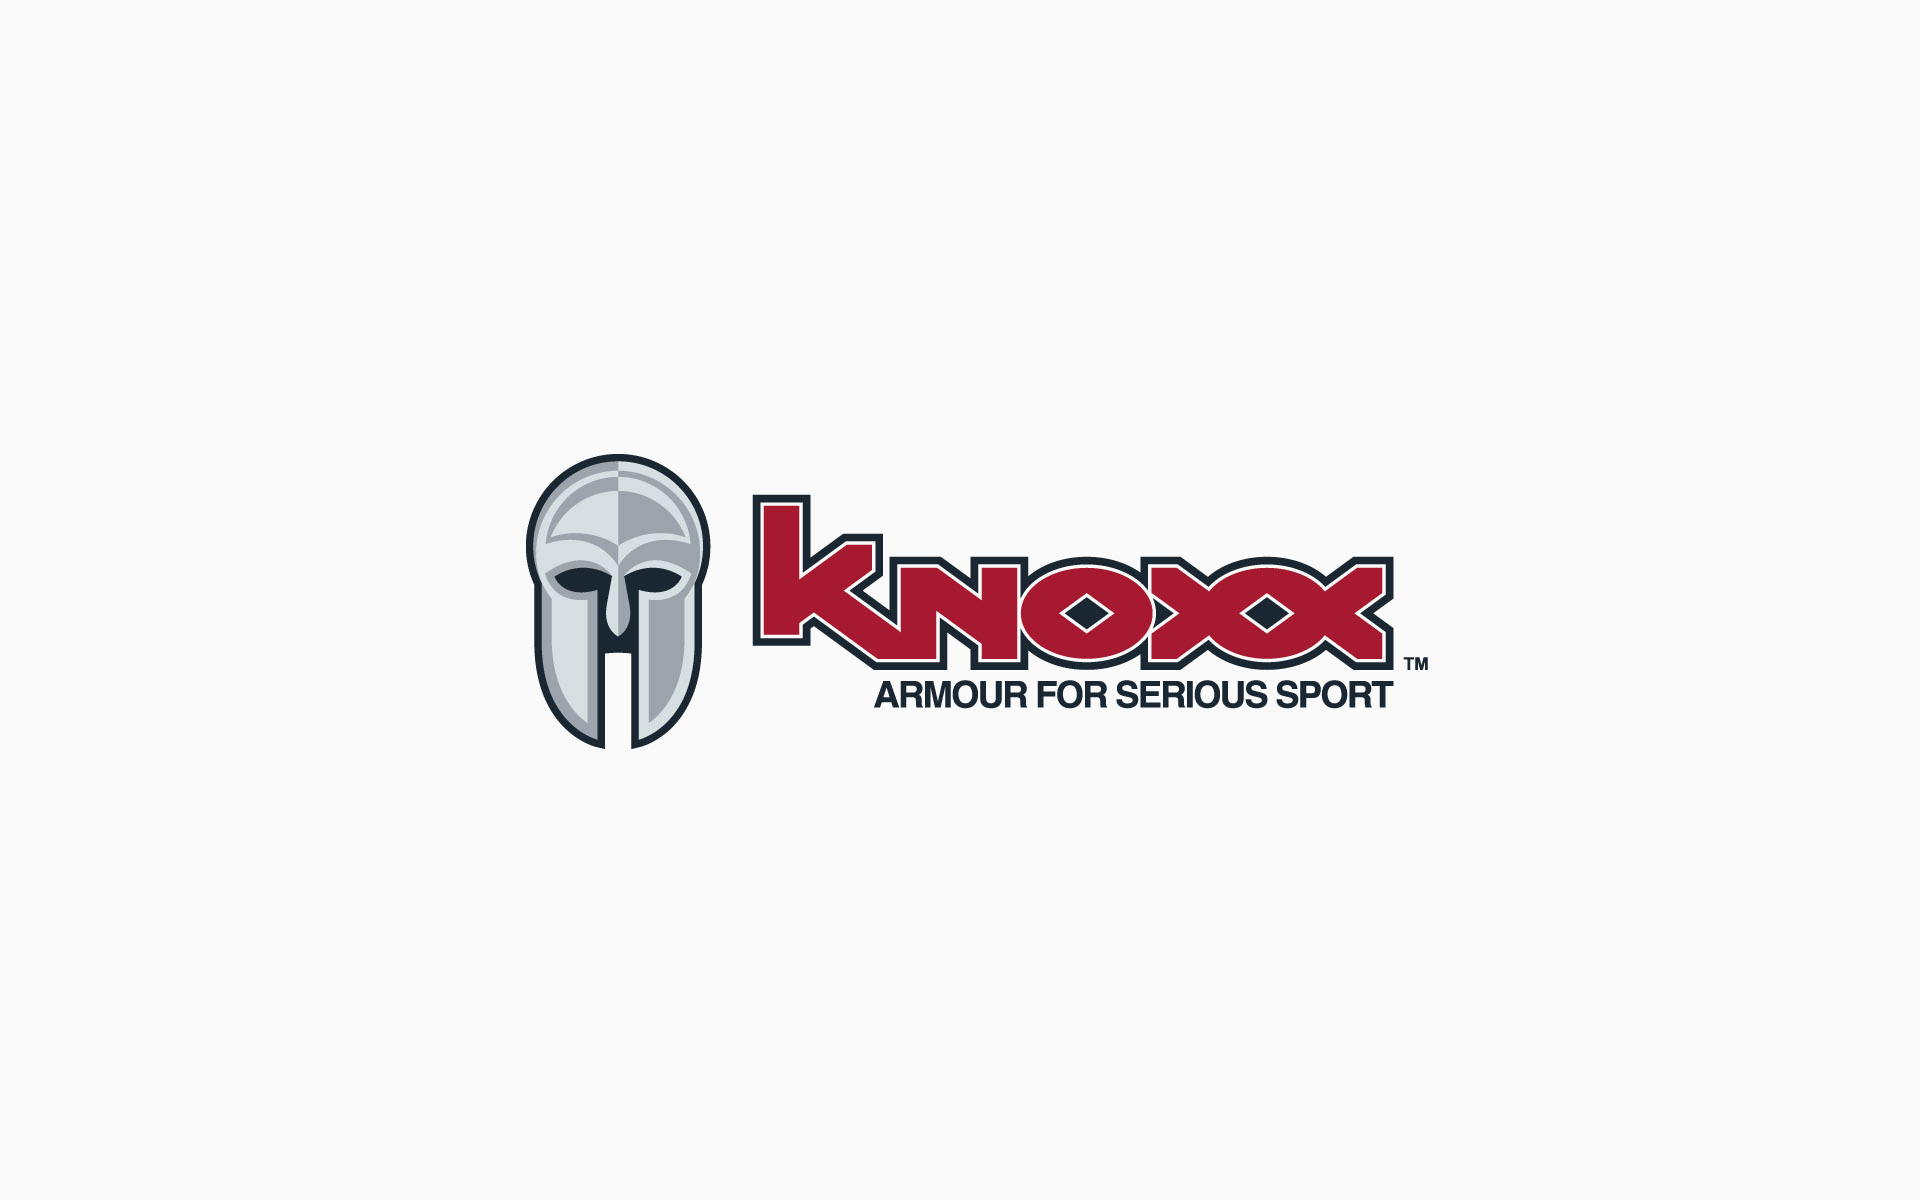 Knoxx Brand Identity